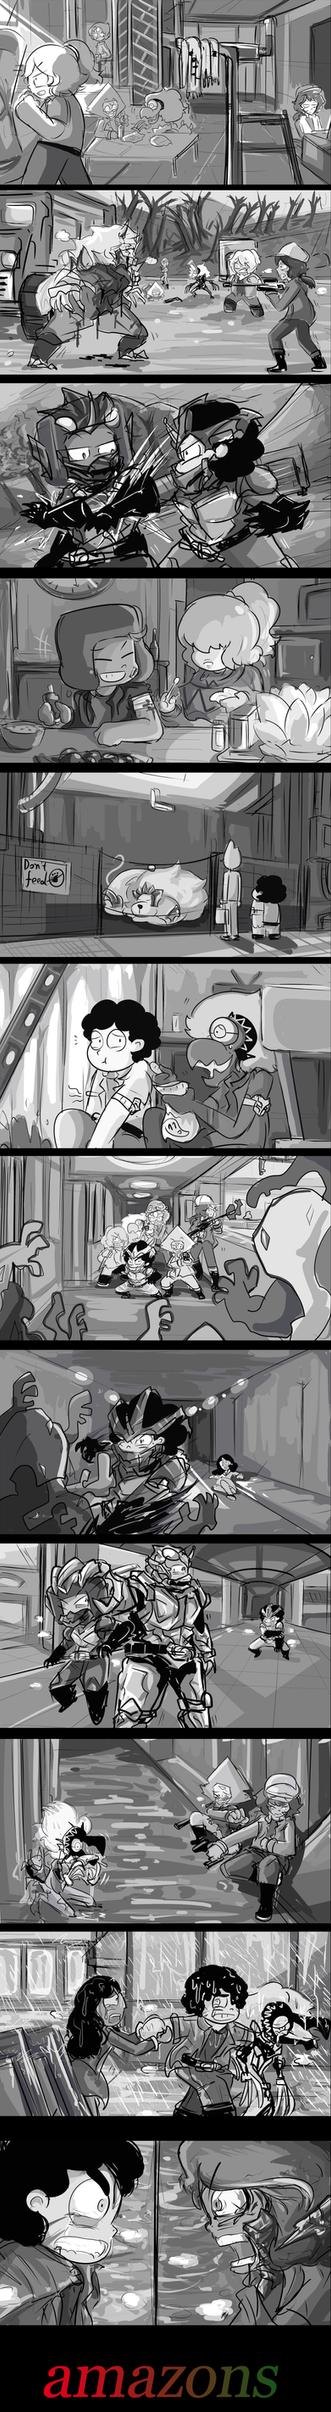 kamen rider amazons X su crossover episode sketch by BEN237